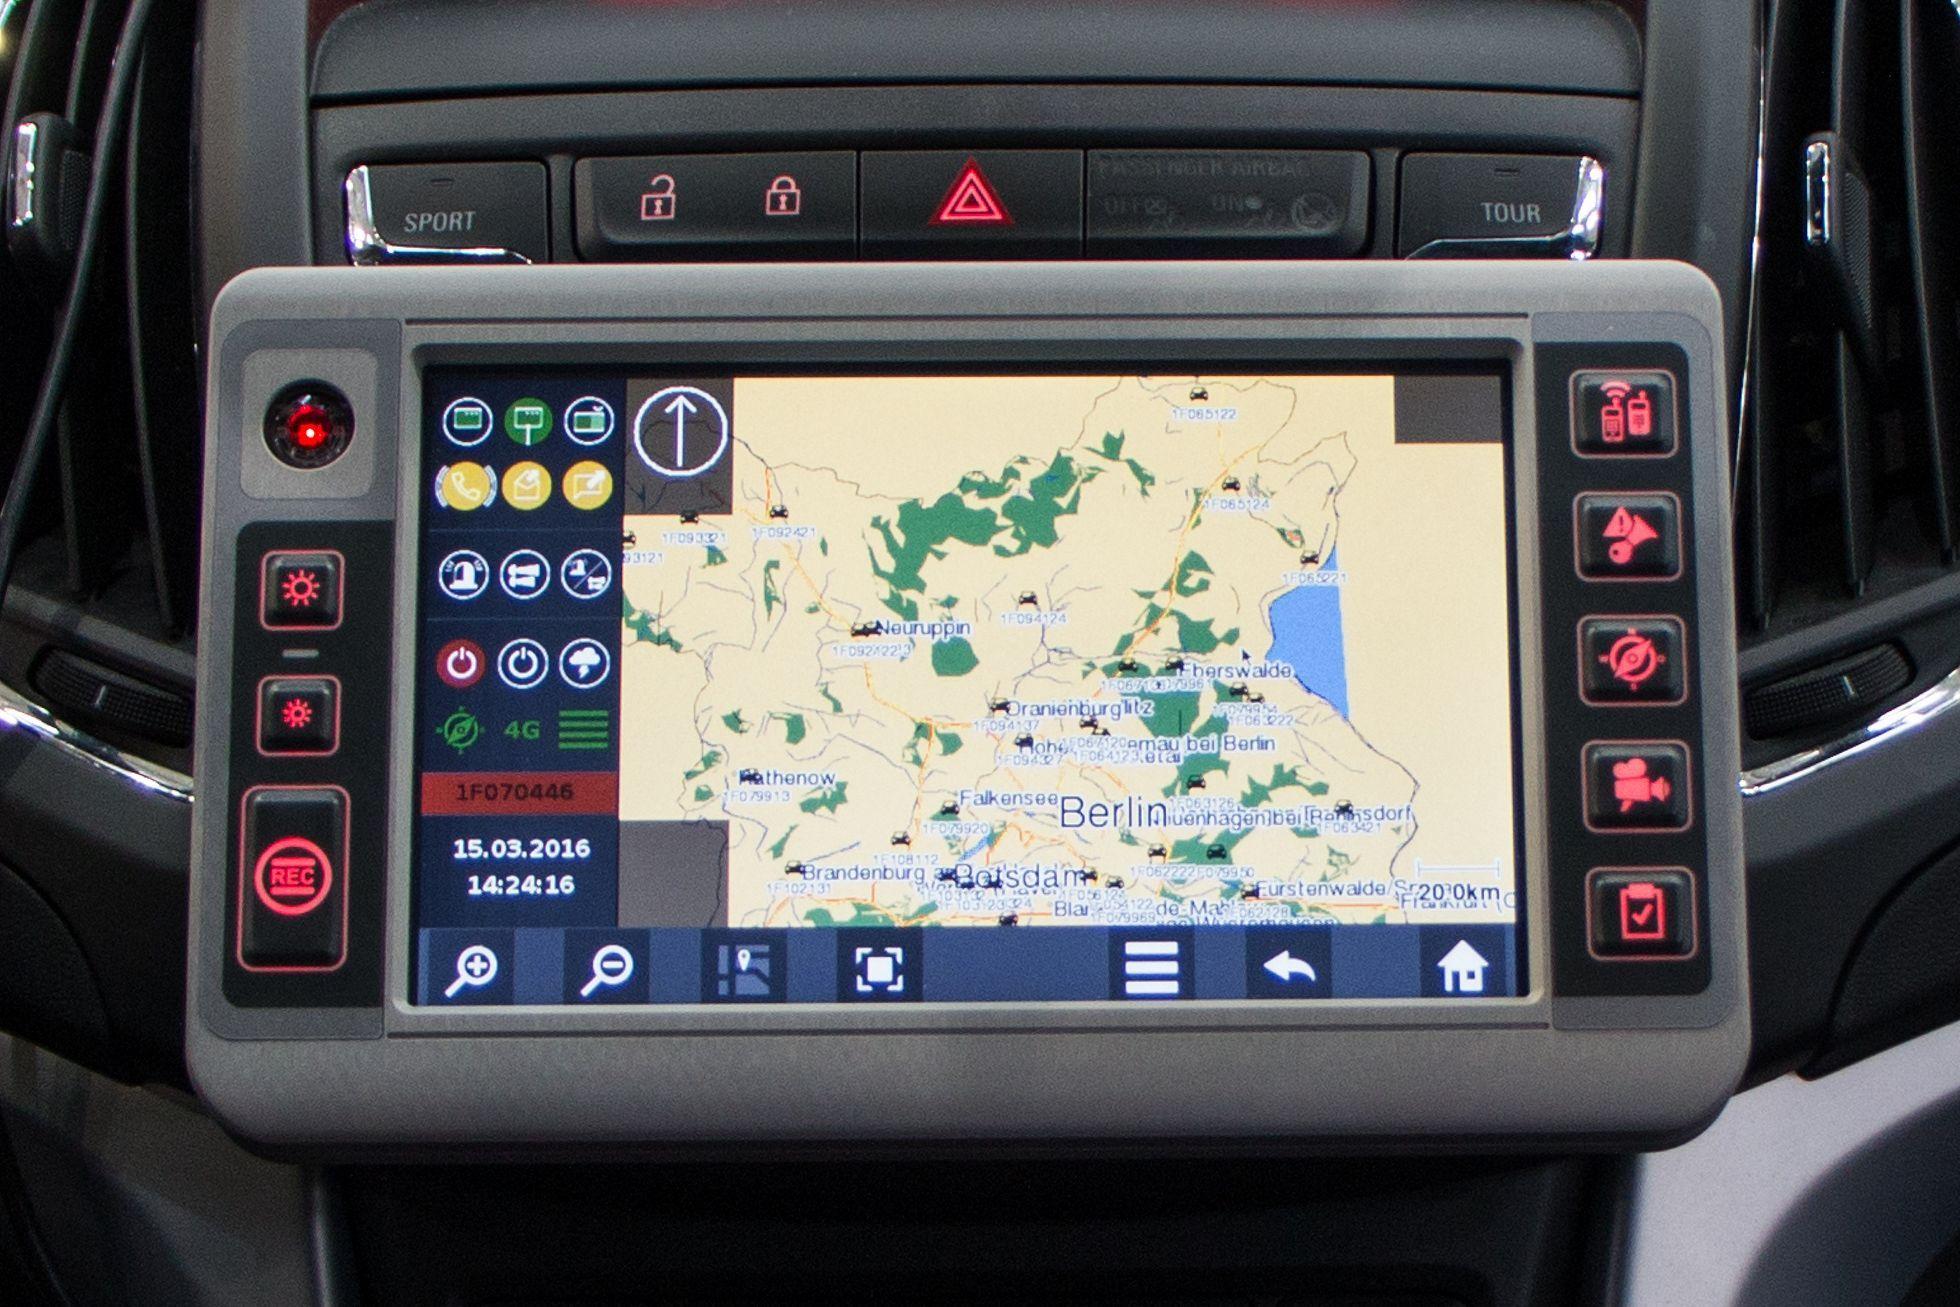 Connected Car: Die Polizei vernetzt den Streifenwagen - In der Kartenanwendung ist der Standort aller Einsatzfahrzeuge zu Lande, zu Wasser und in der Luft zu sehen. (Foto: Werner Pluta/Golem.de)